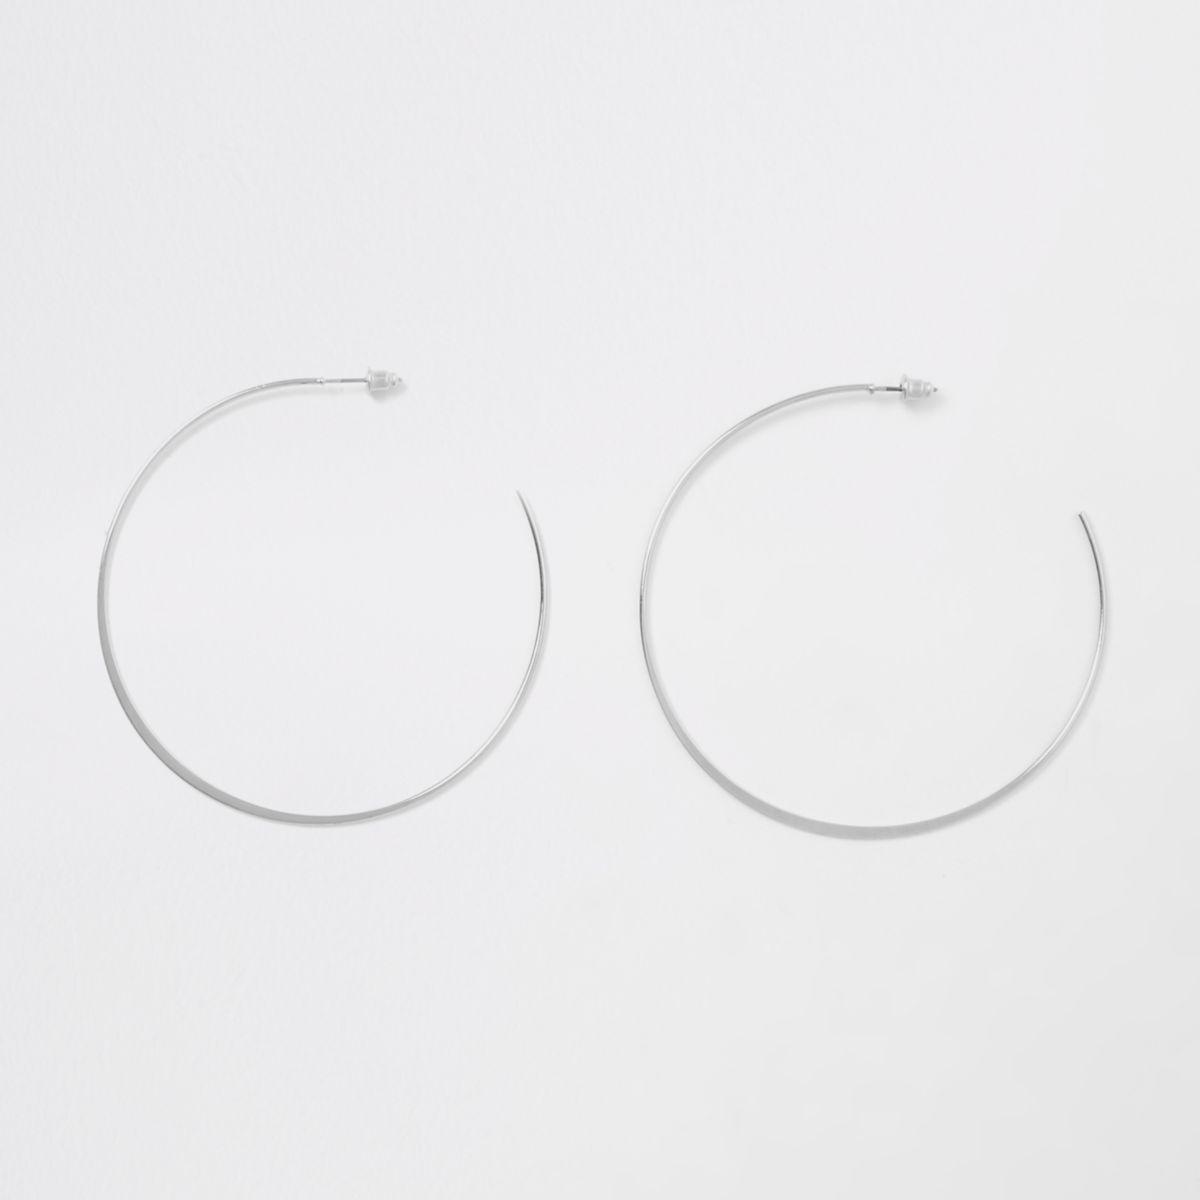 Silver tone thin flat bottom hoop earrings